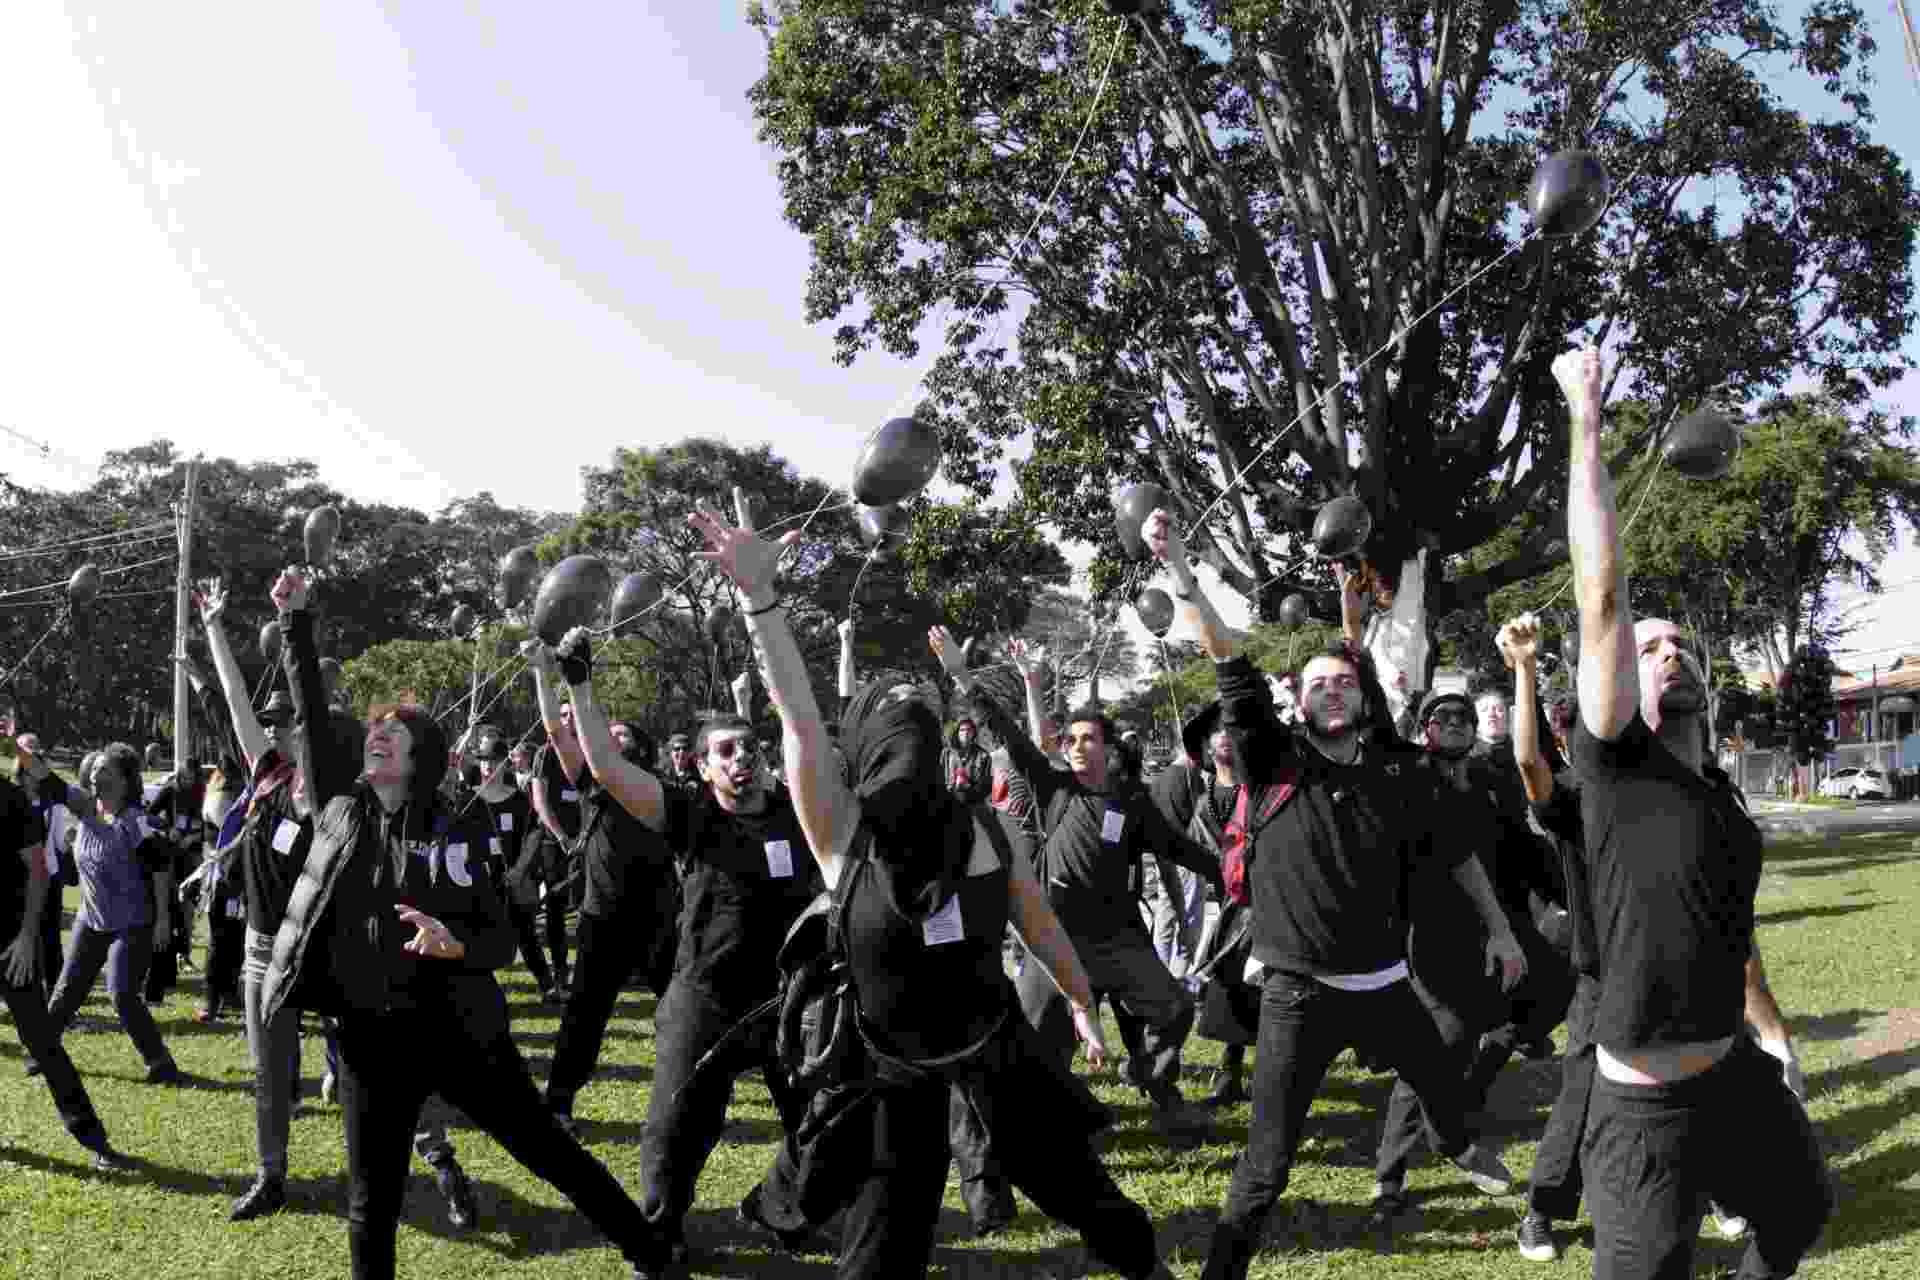 """22.jun.2016 - Um grupo formado por estudantes, professores e funcionários da Unicamp (Universidade Estadual de Campinas) realiza ato dentro do campus da universidade, nesta quarta-feira (22), em Campinas (SP). Vestidos de preto, manifestantes fizeram um """"cortejo fúnebre"""" no local. Eles protestam em defesa da universidade pública e pedem também o aumento do repasse de verbas para a Unicamp - Denny Cesare/Estadão Conteúdo"""